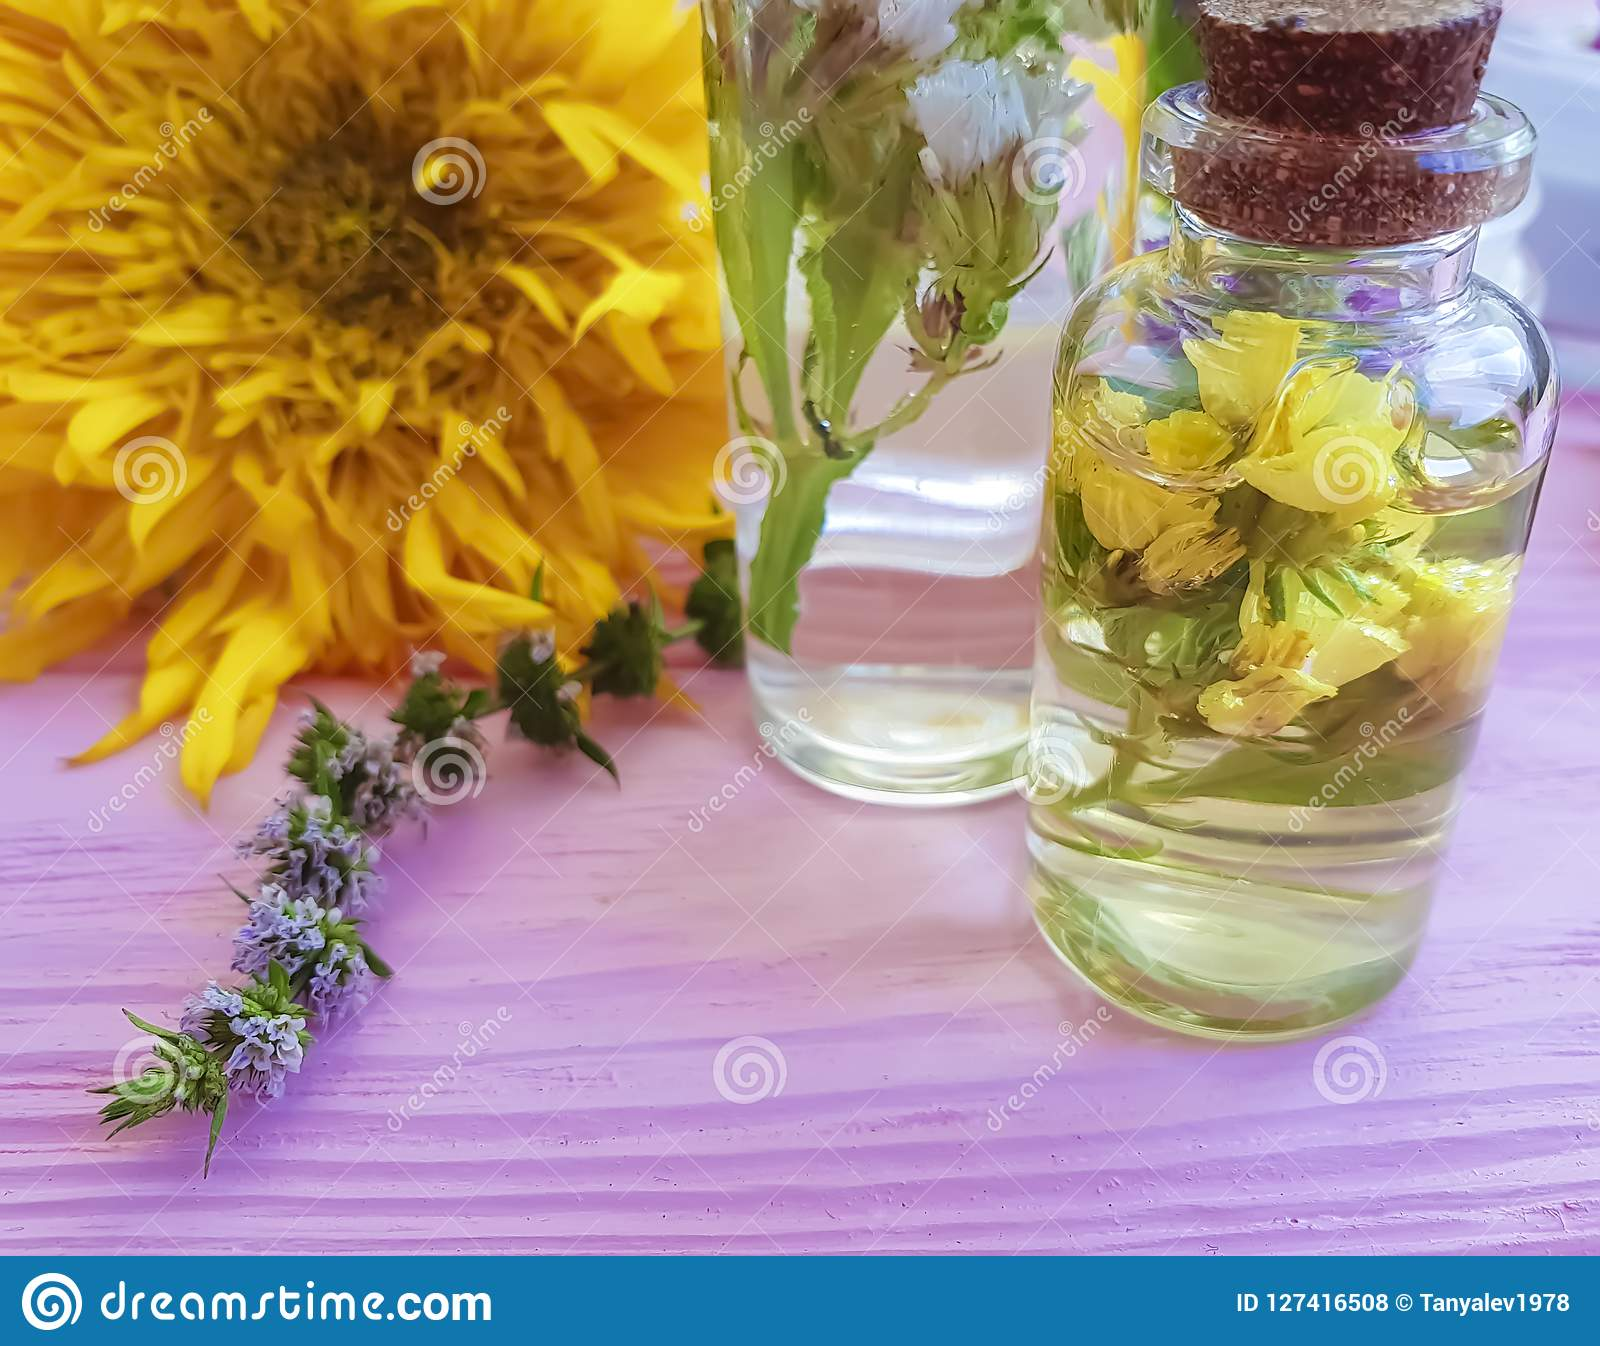 суть, cream косметическое винтажное здоровье заботы ароматичное ослабляет цветки альтернативного здоровья естественные на деревян